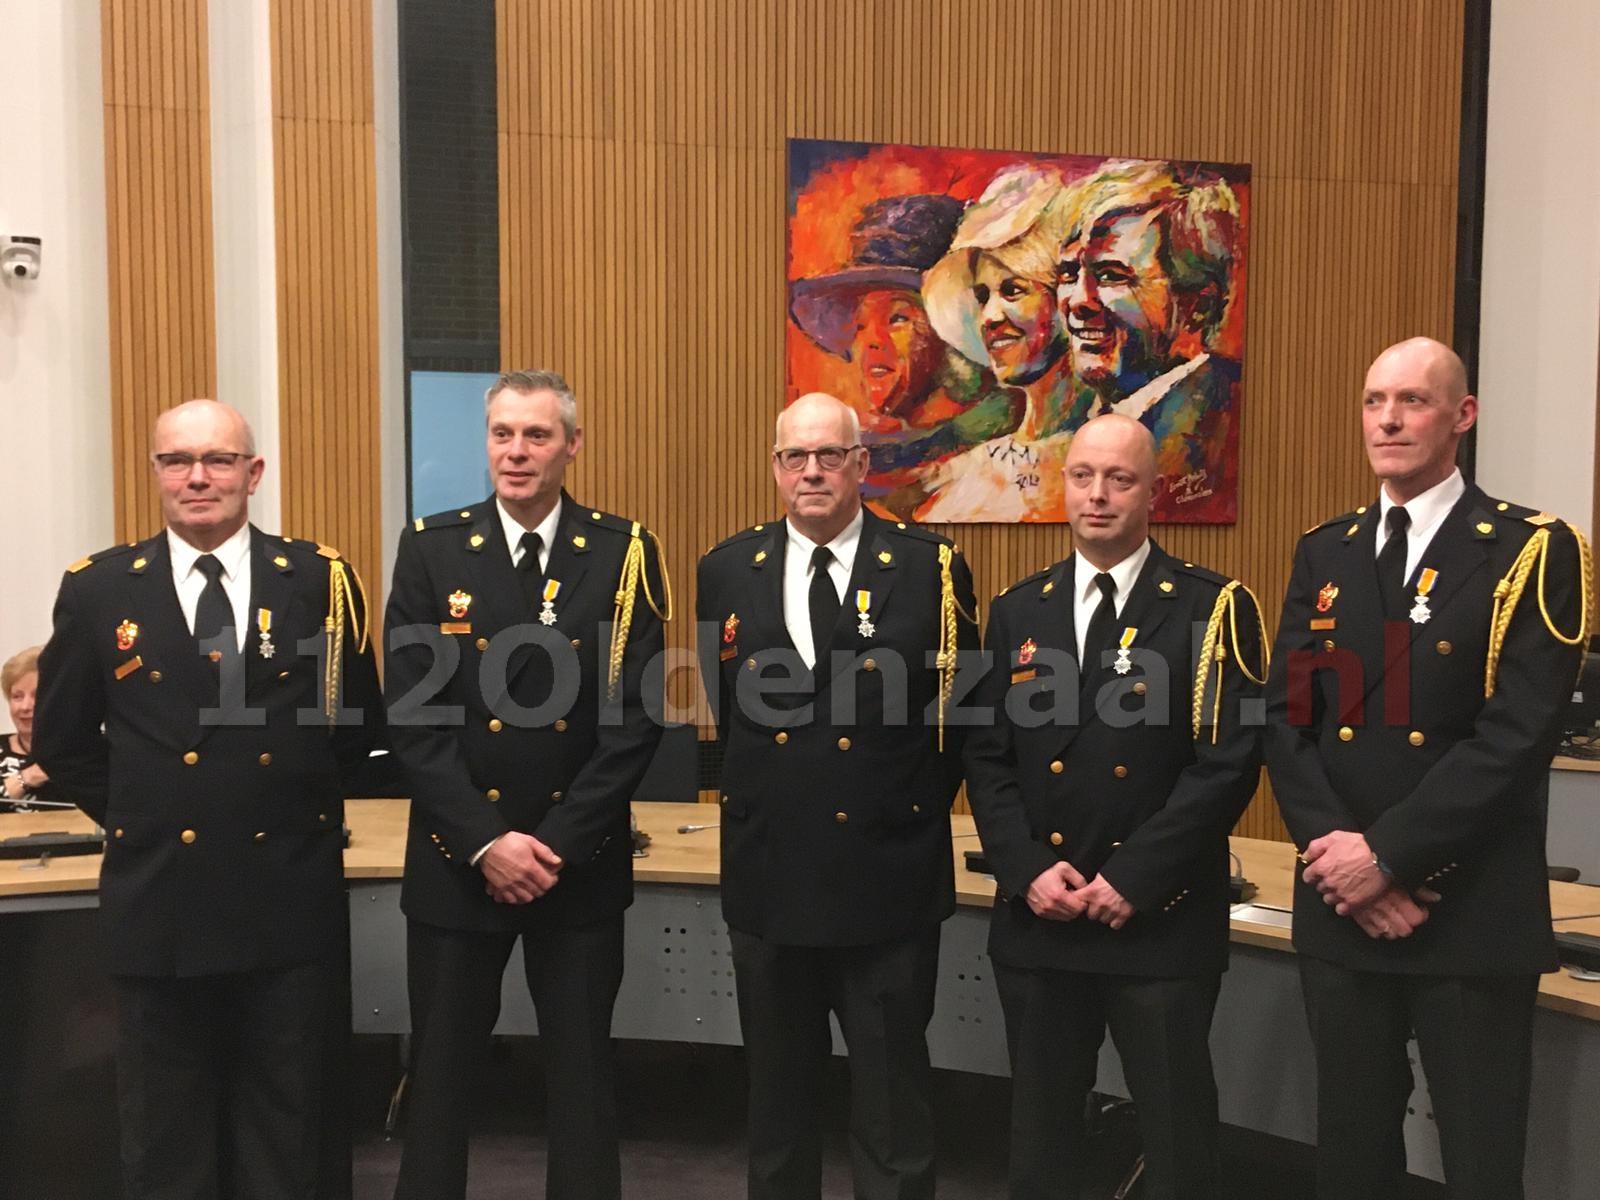 Koninklijke Onderscheiding vrijwilligers brandweer Oldenzaal